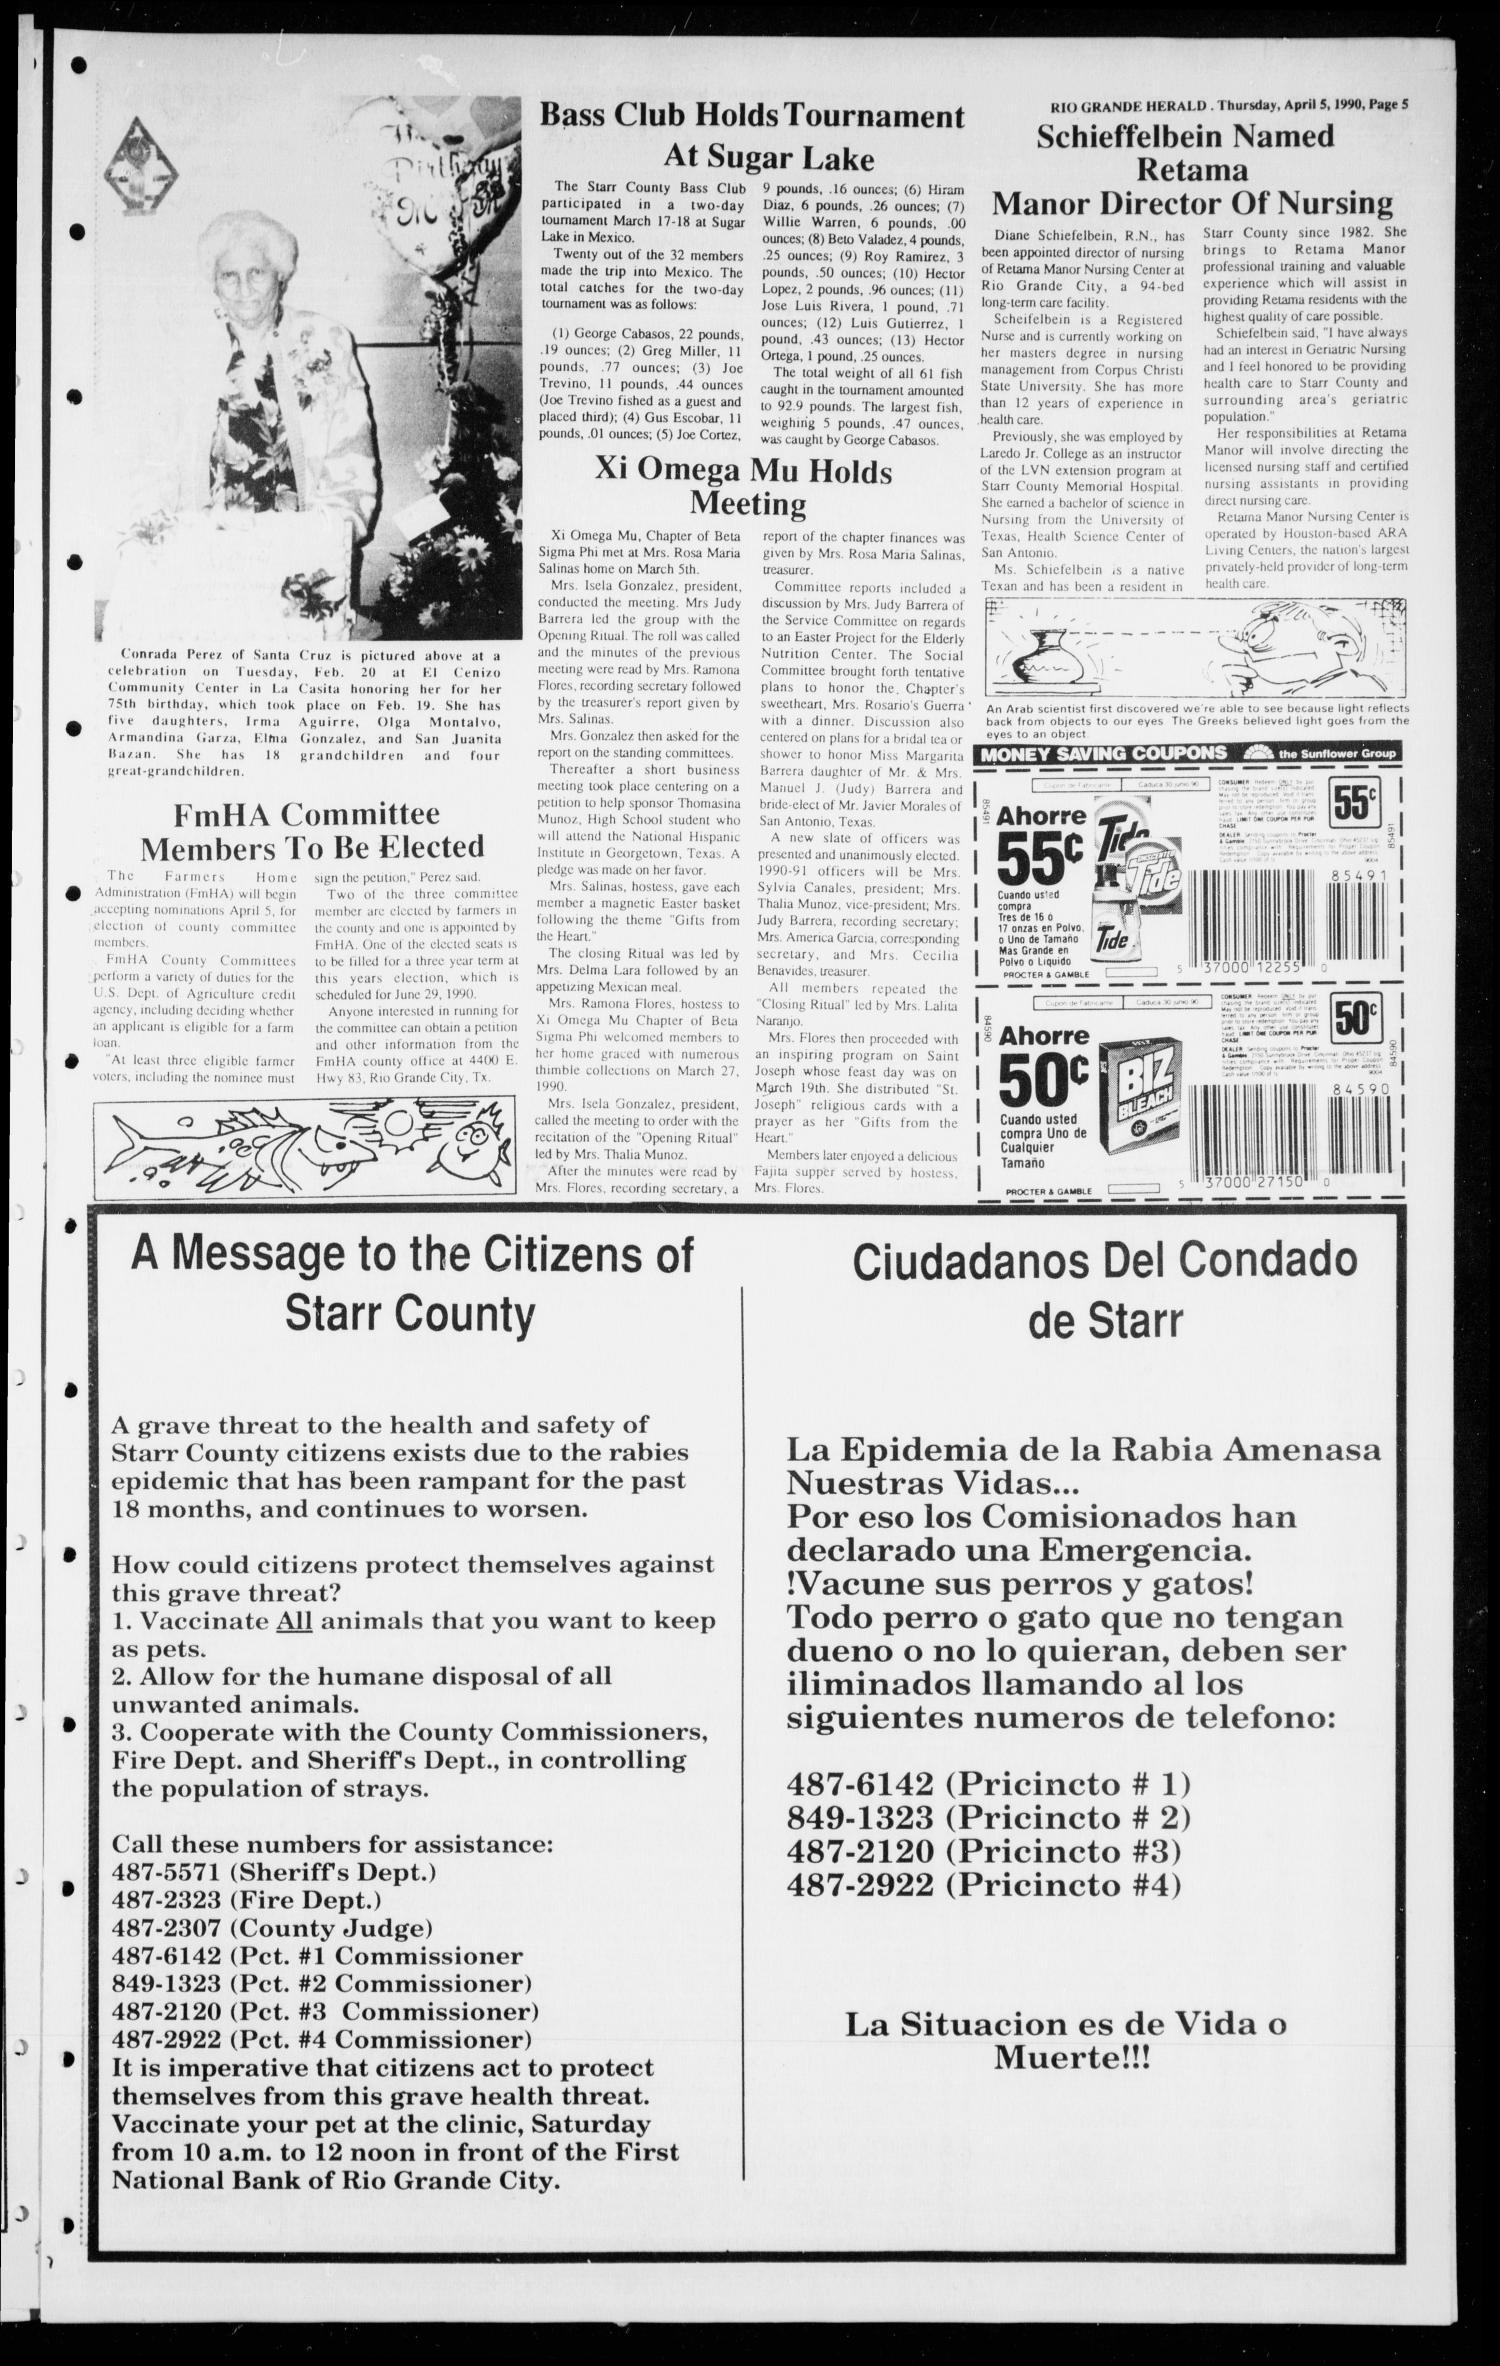 The Rio Grande Herald (Rio Grande City, Tex ), Vol  80, No